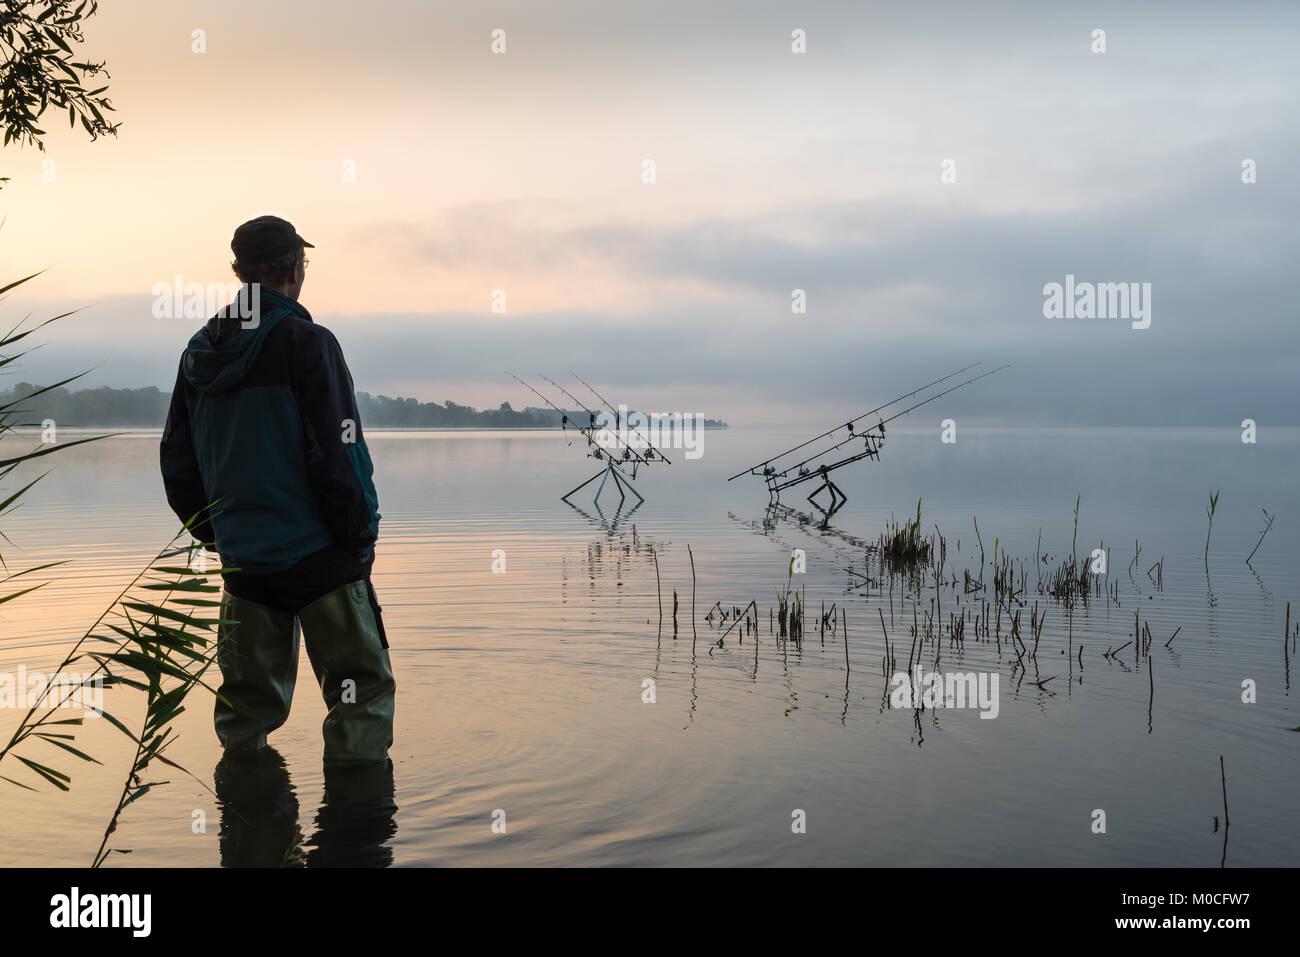 Le avventure di pesca, la pesca alla carpa. La mattina presto con la nebbia e fisherman con alta stivali di gomma Immagini Stock